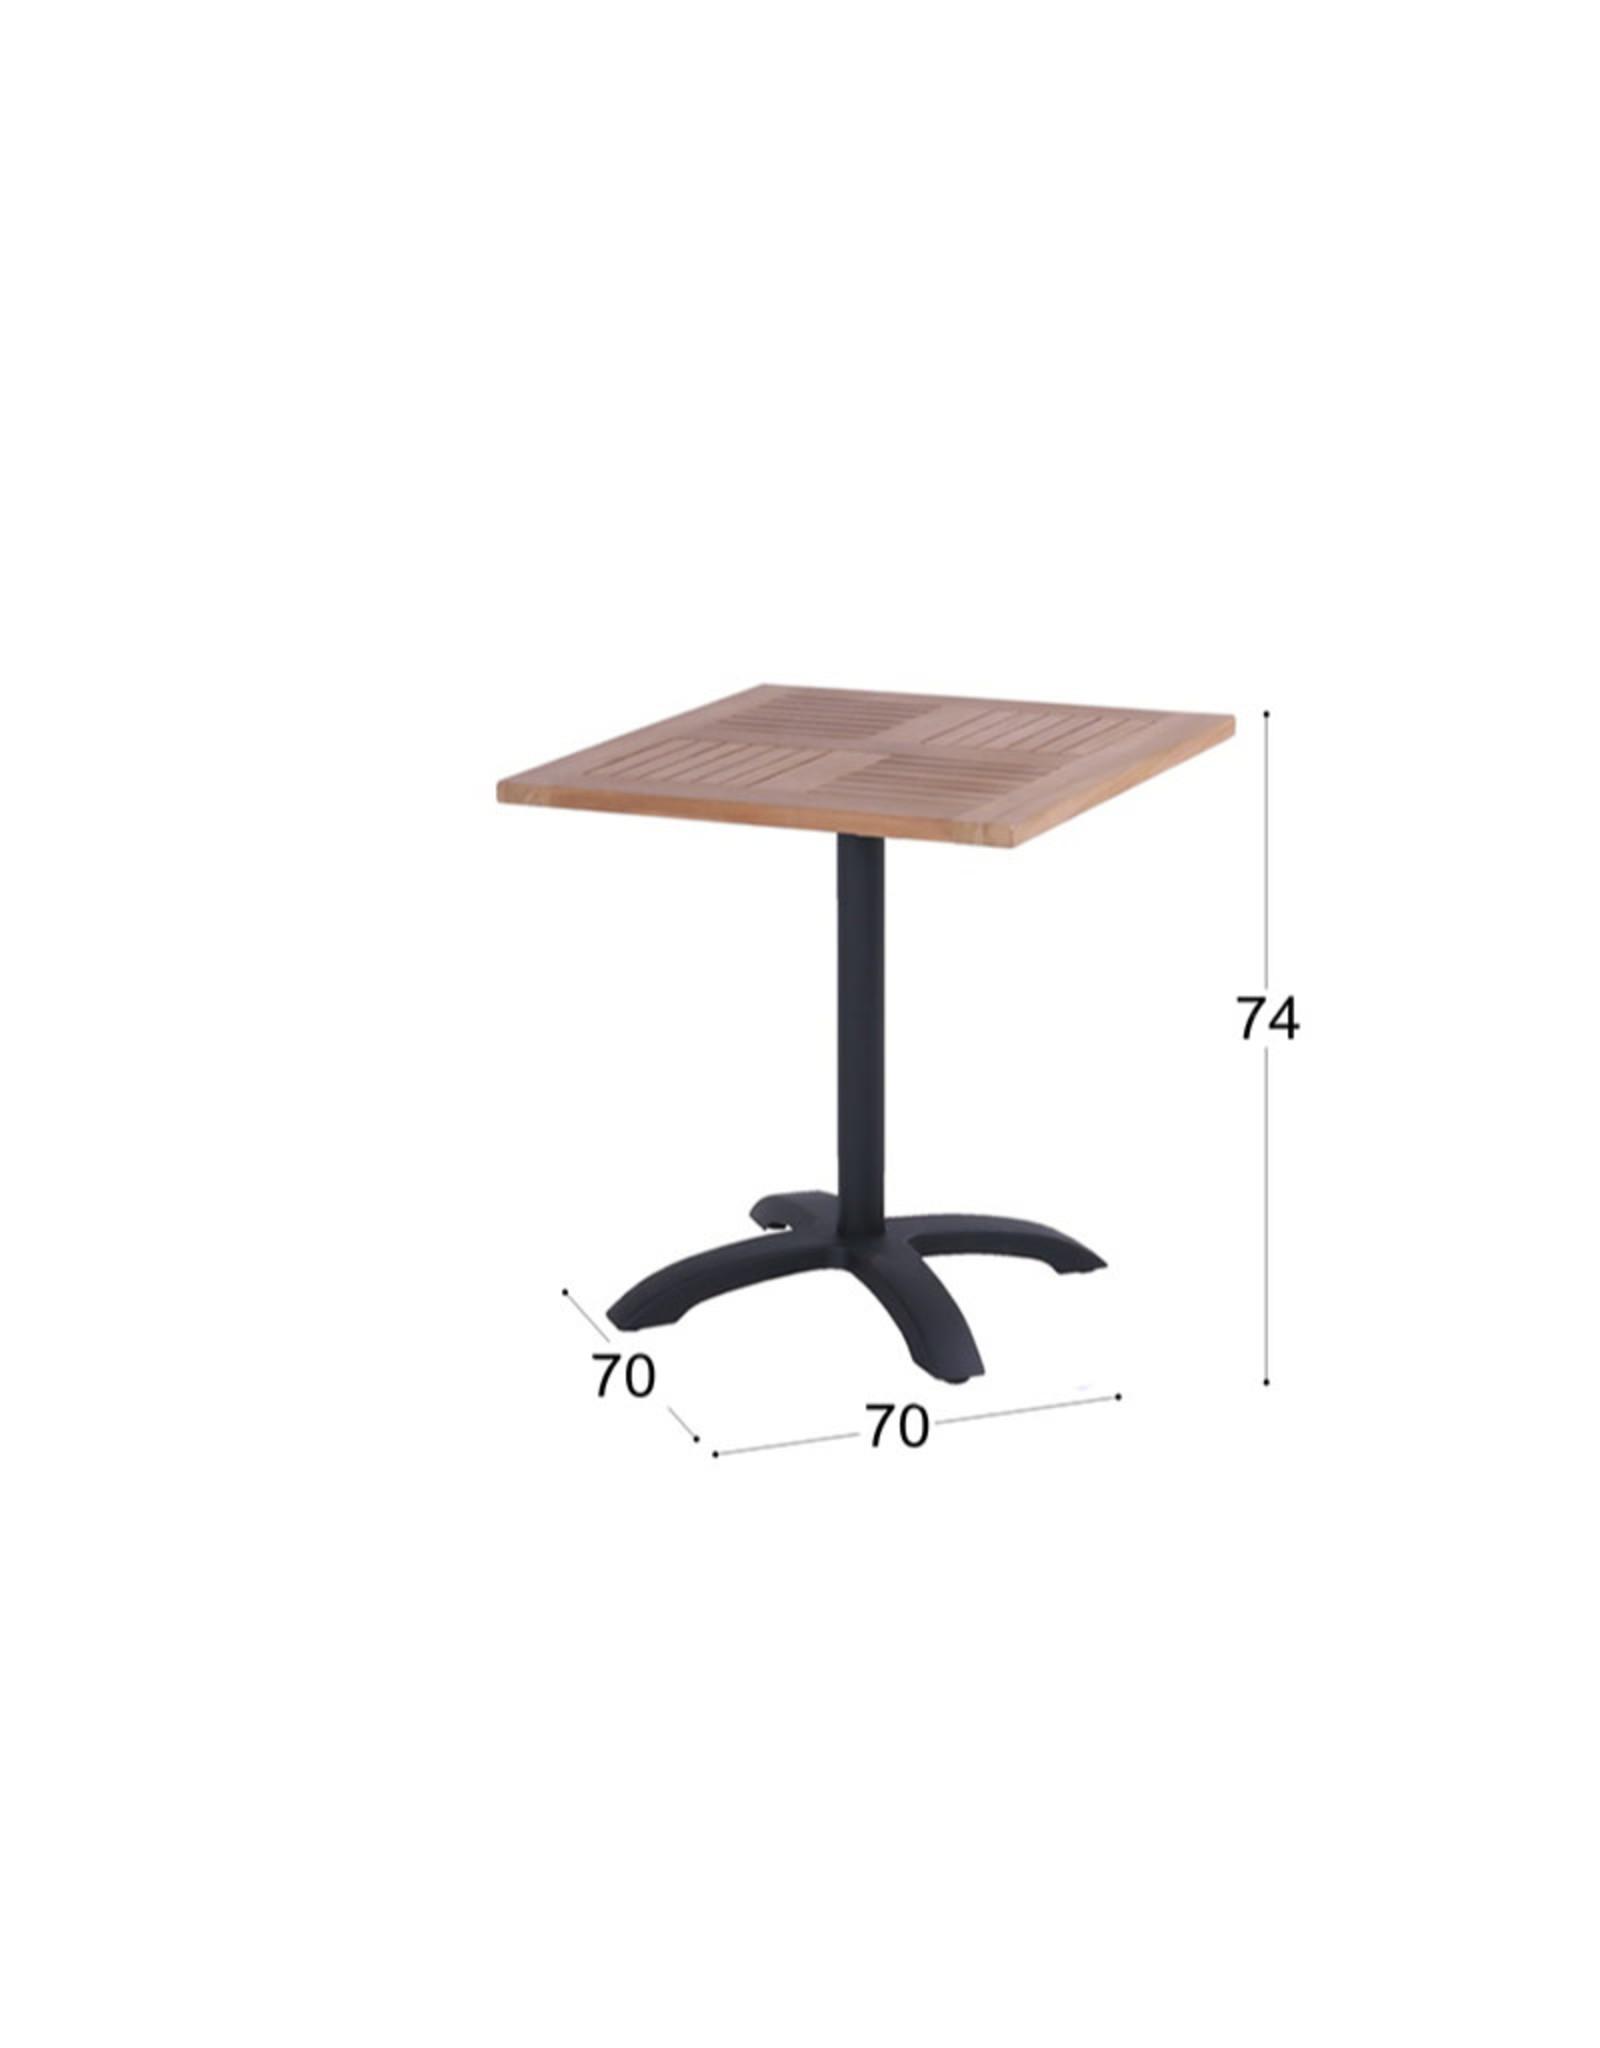 Hartman Hartman Bistro Table 70x70 Teak blad, frame